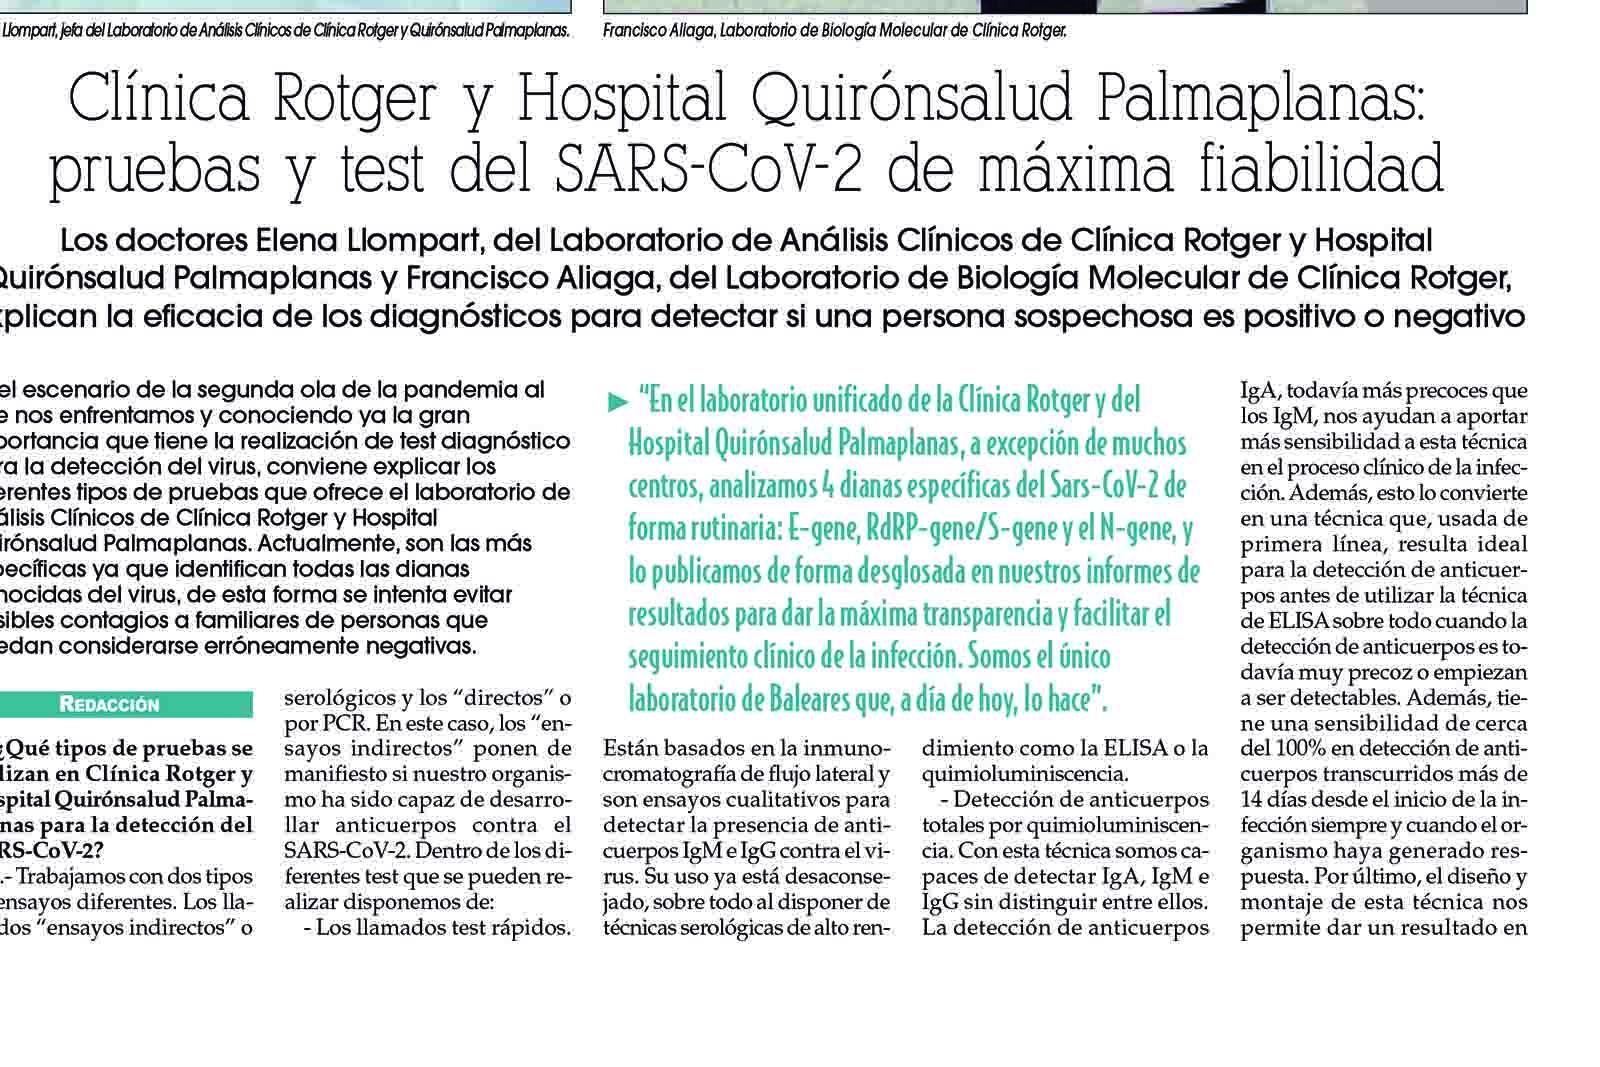 Clínica Rotger y Hospital Quirónsalud Palmaplanas: pruebas y test del SARS-CoV-2 de máxima fiabilidad.